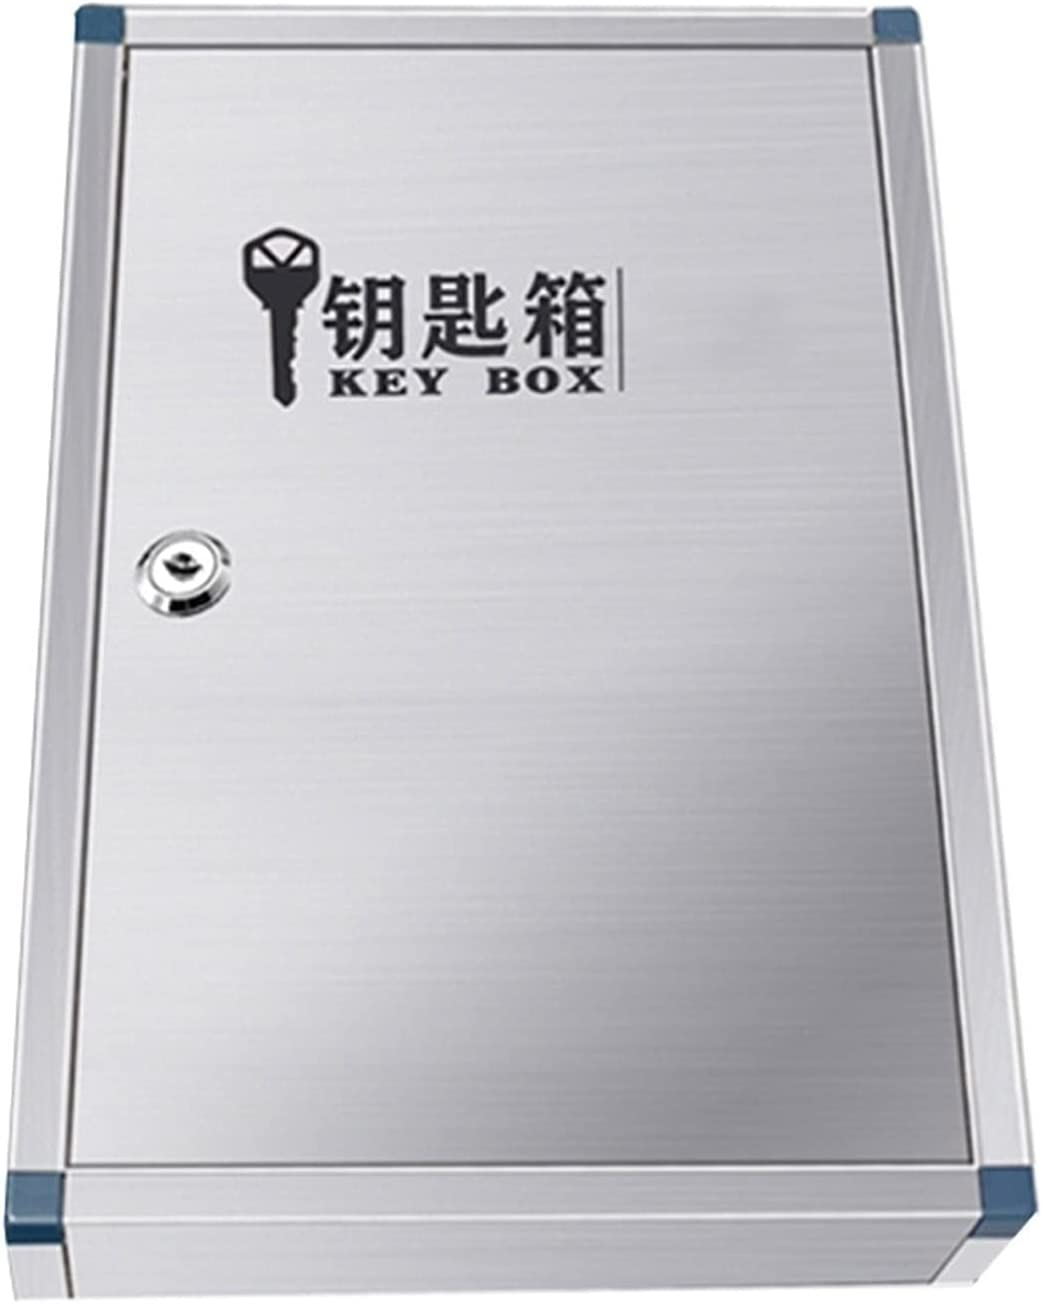 Superior LICGHONG Key Cabinets 130 Keys Organizer Boxes 2021new shipping free Lock Box